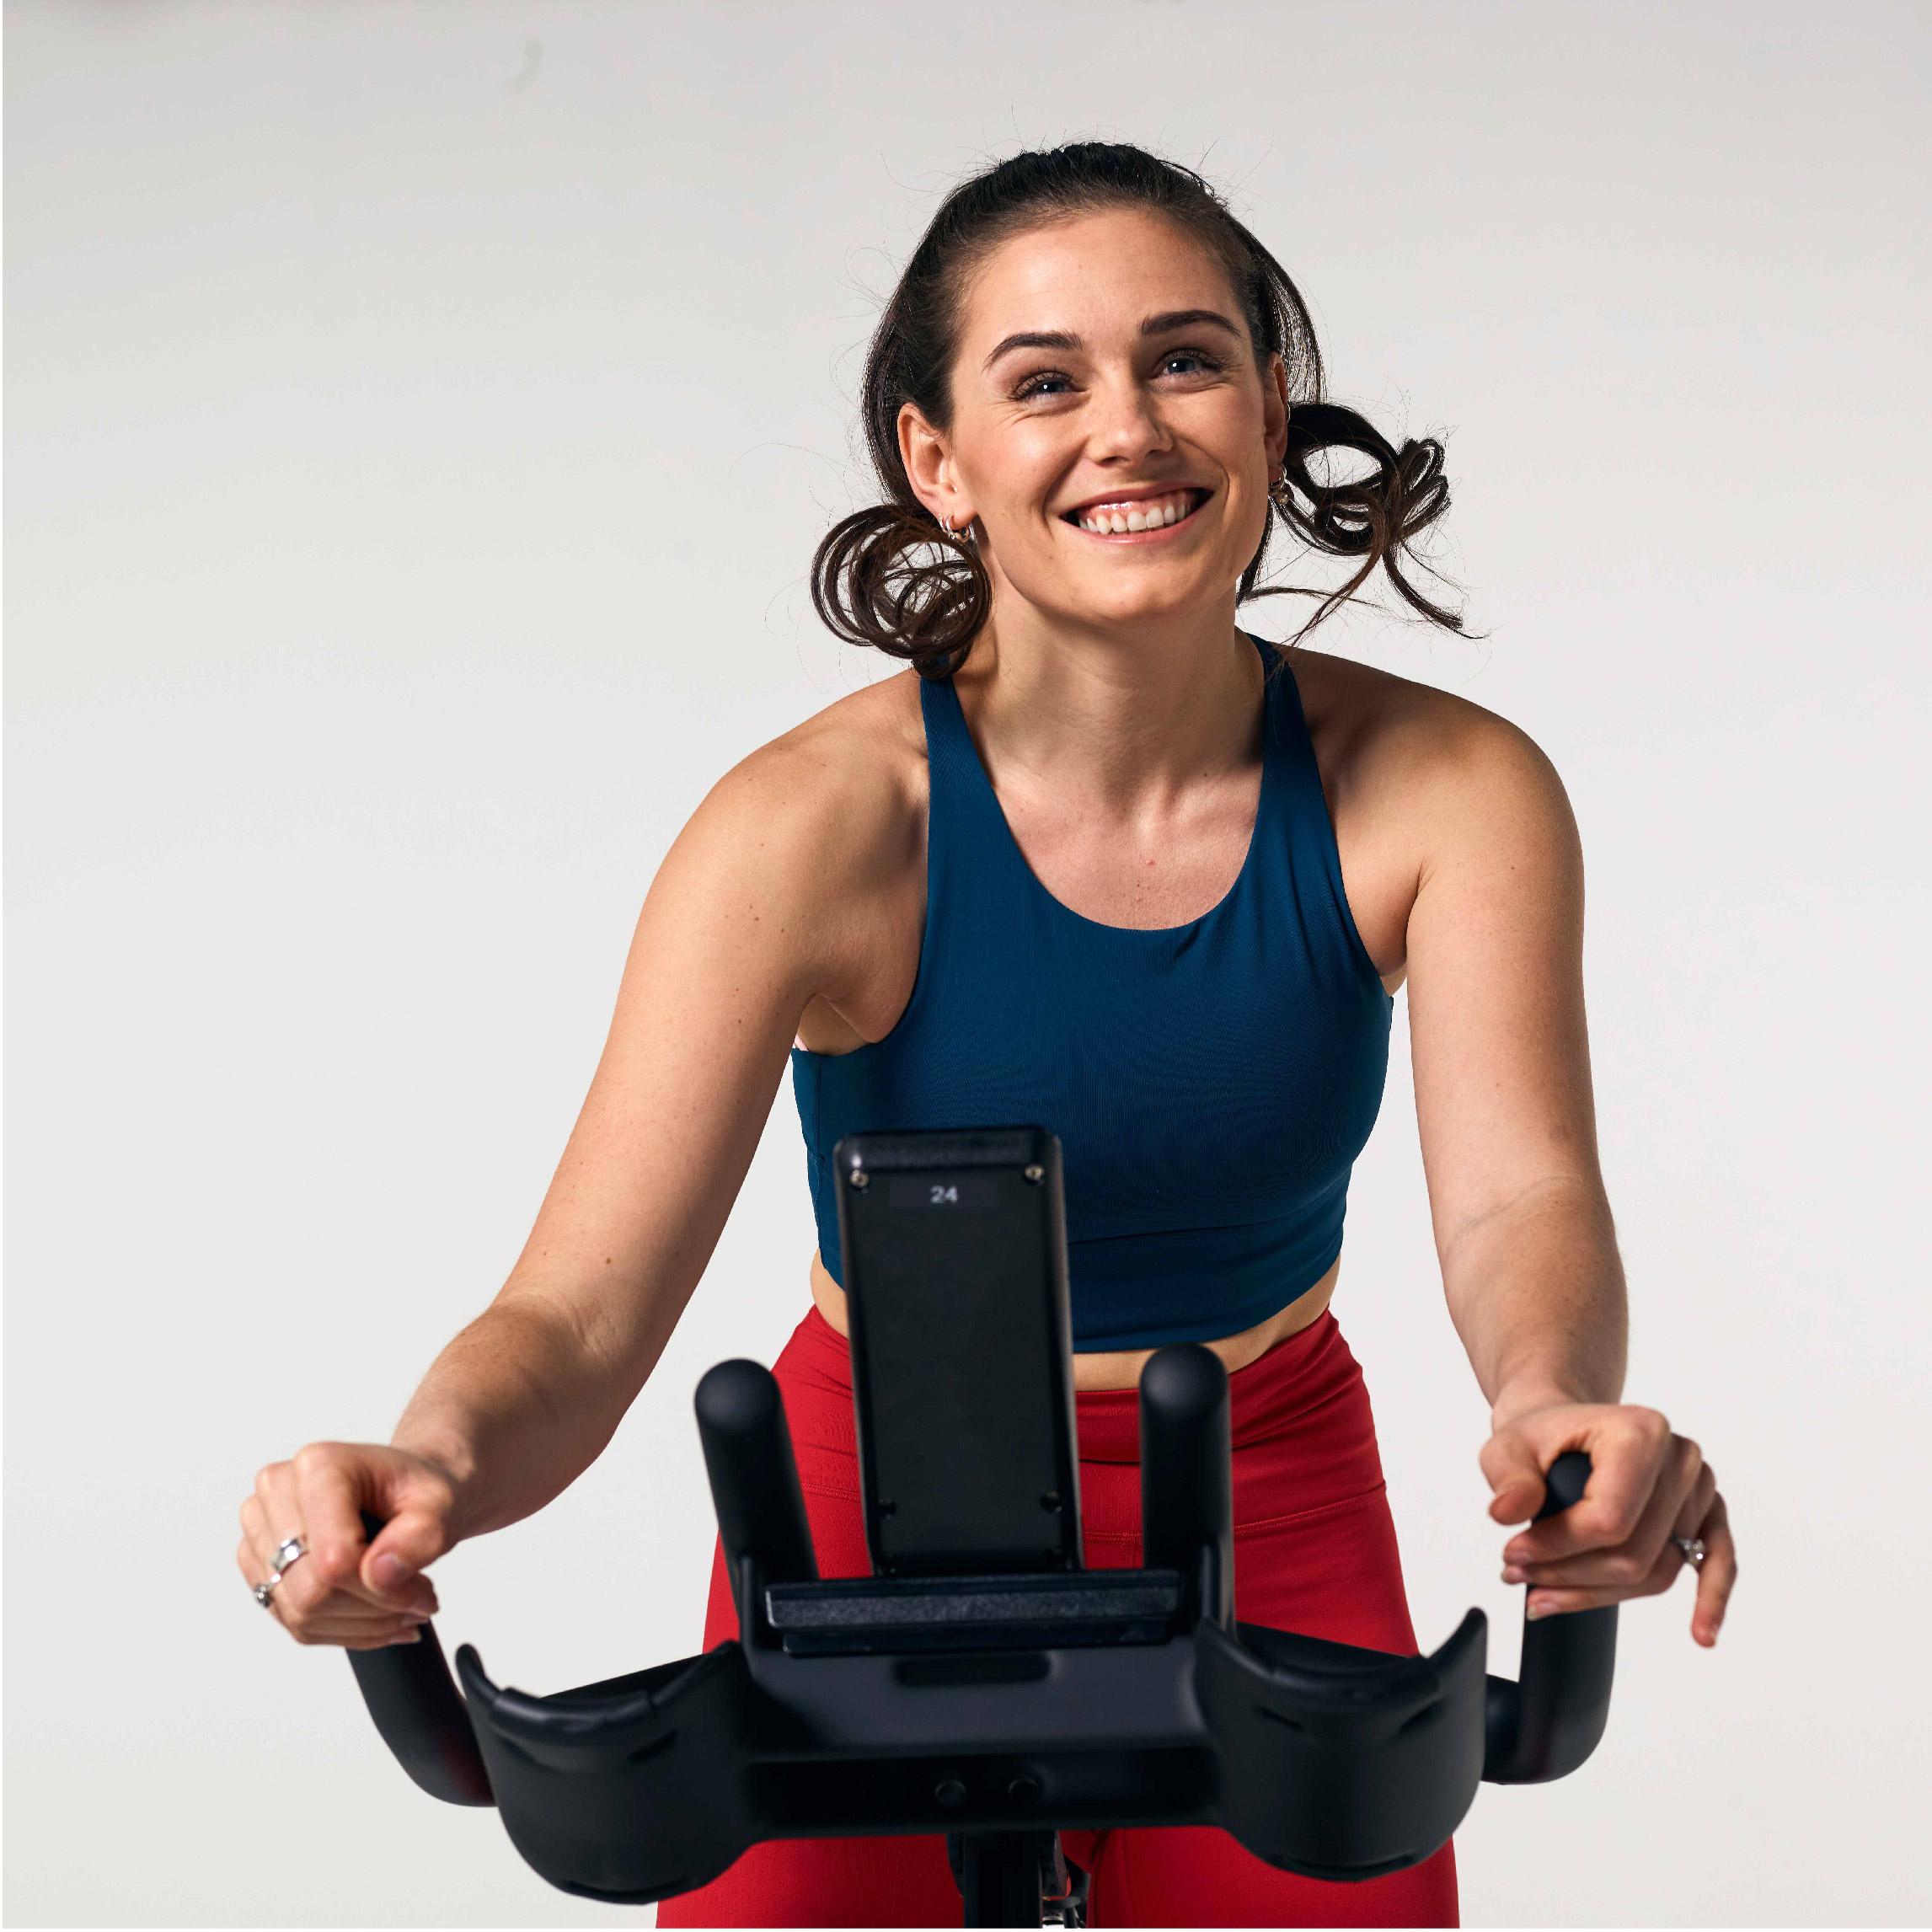 Cycle Christina